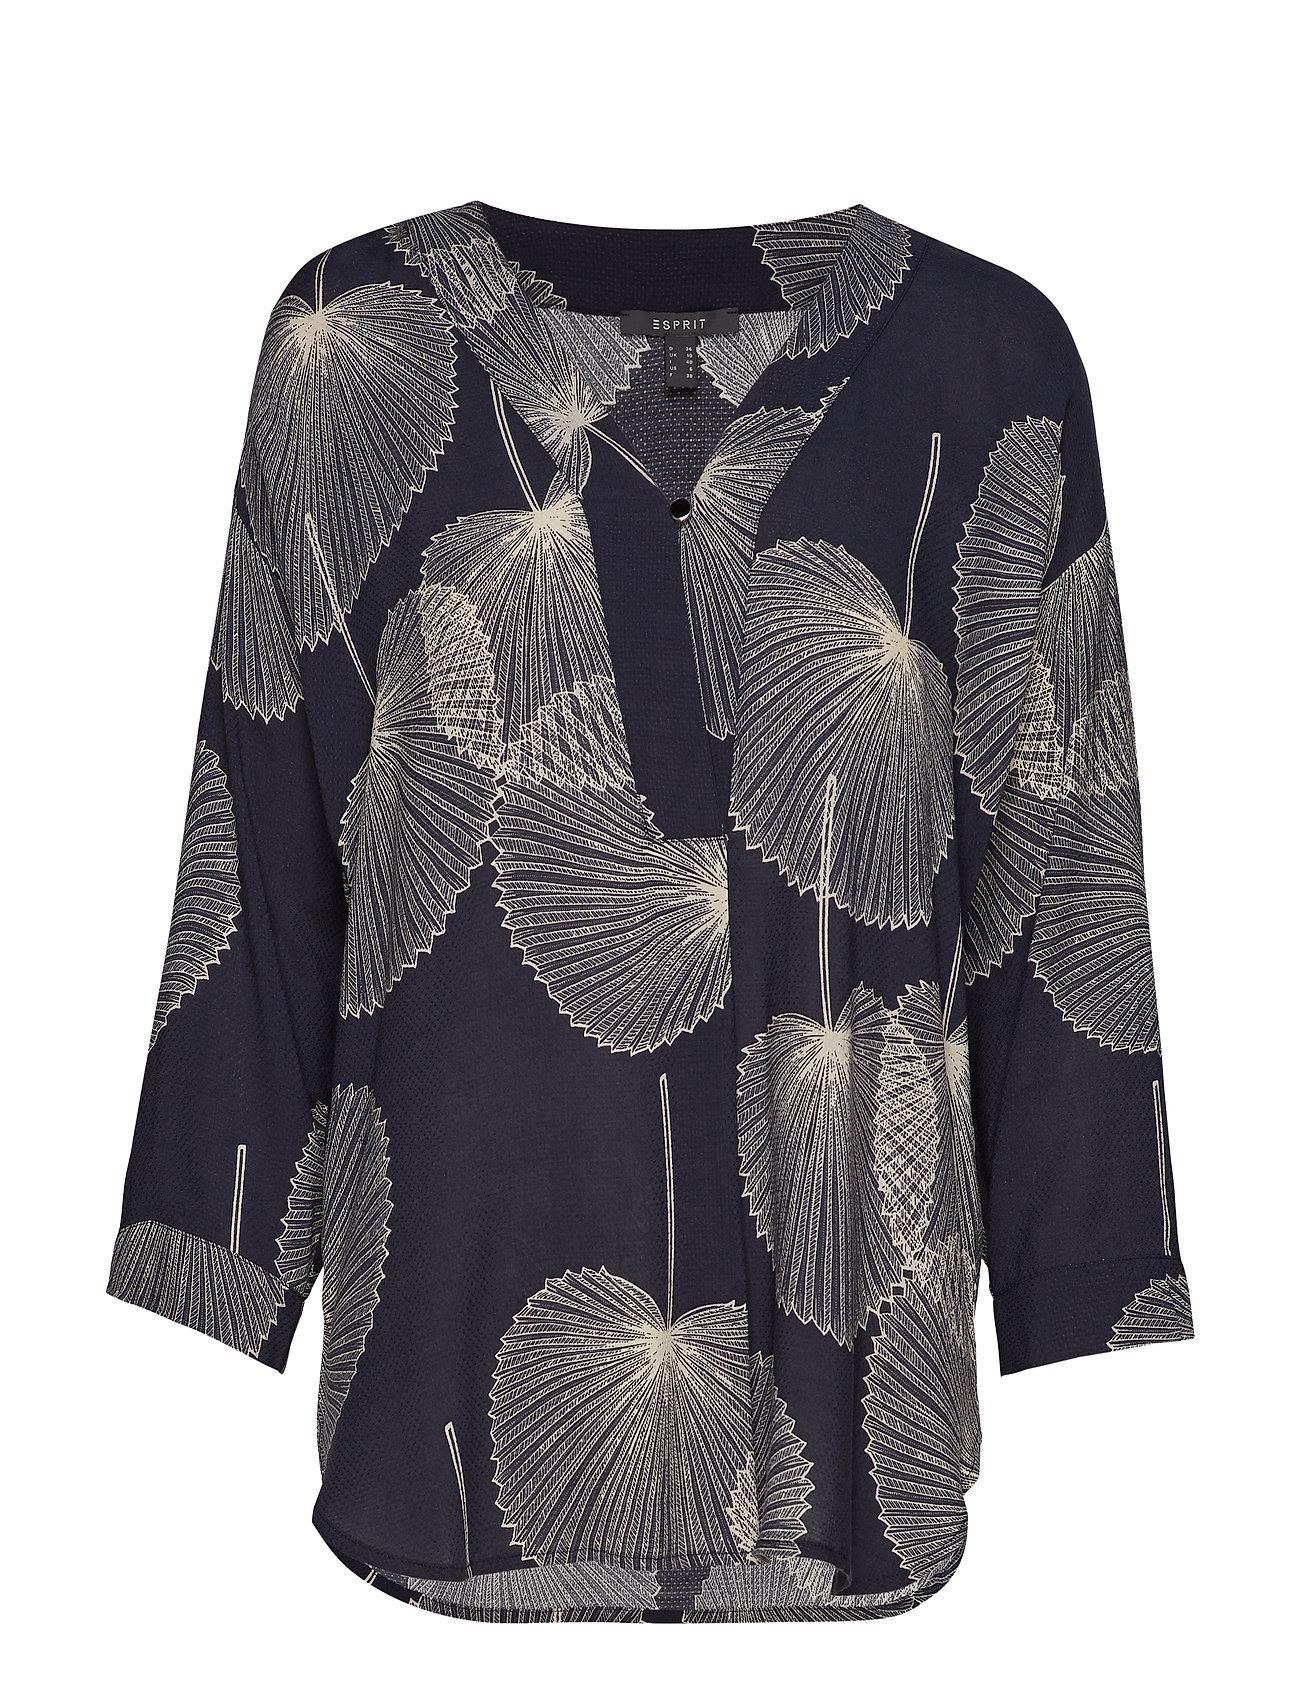 Esprit Collection Blouses woven - BLACK